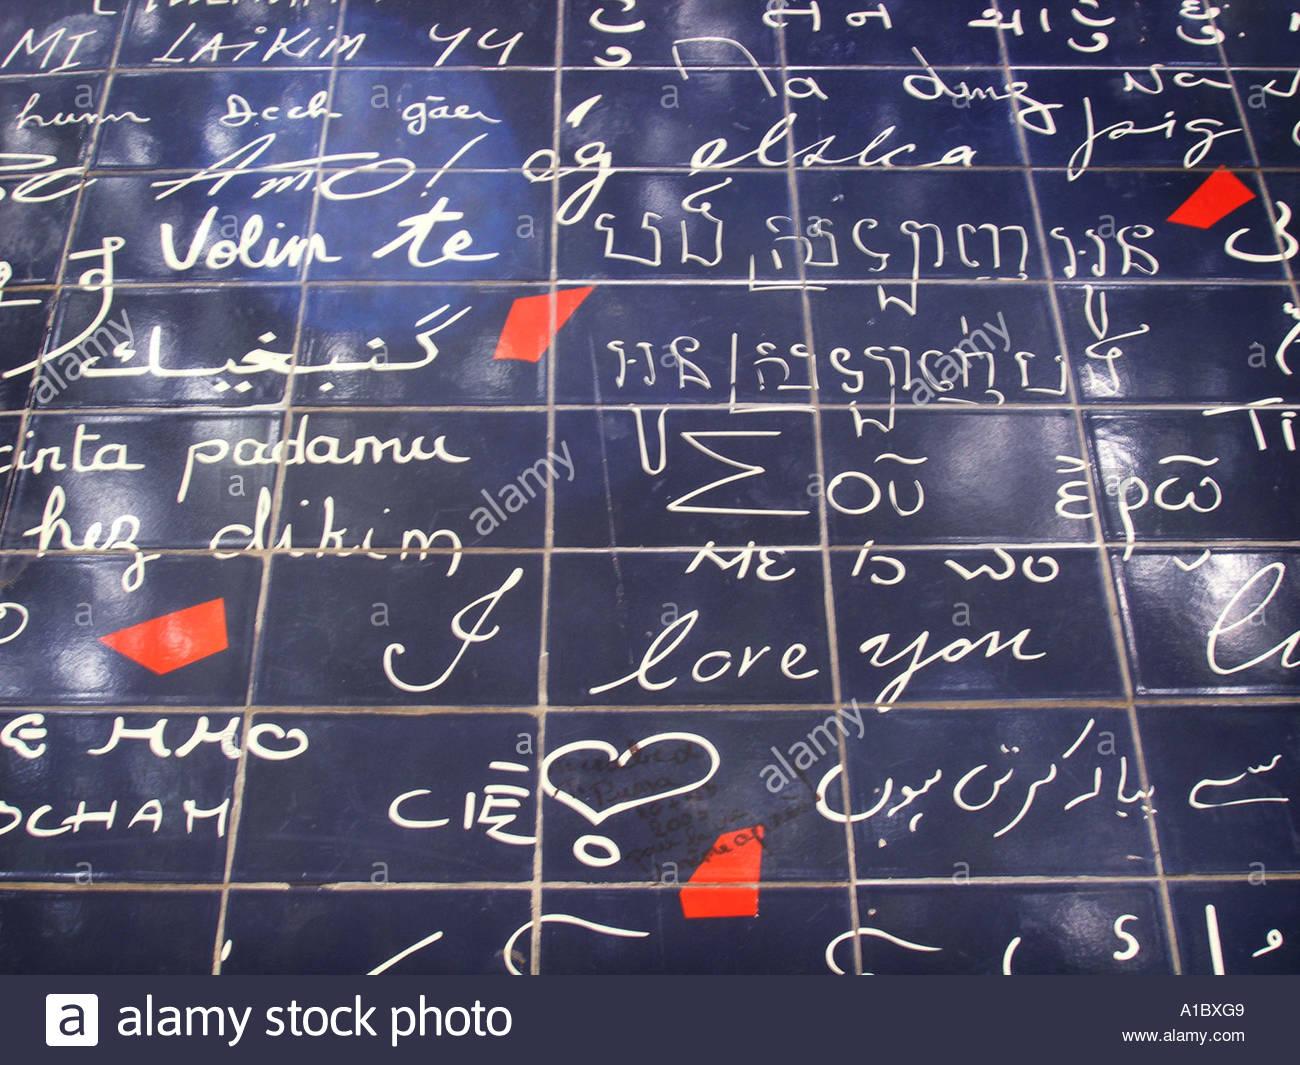 detail of Le Mur Bleu, love wall near Place des Abbesses Paris France - Stock Image